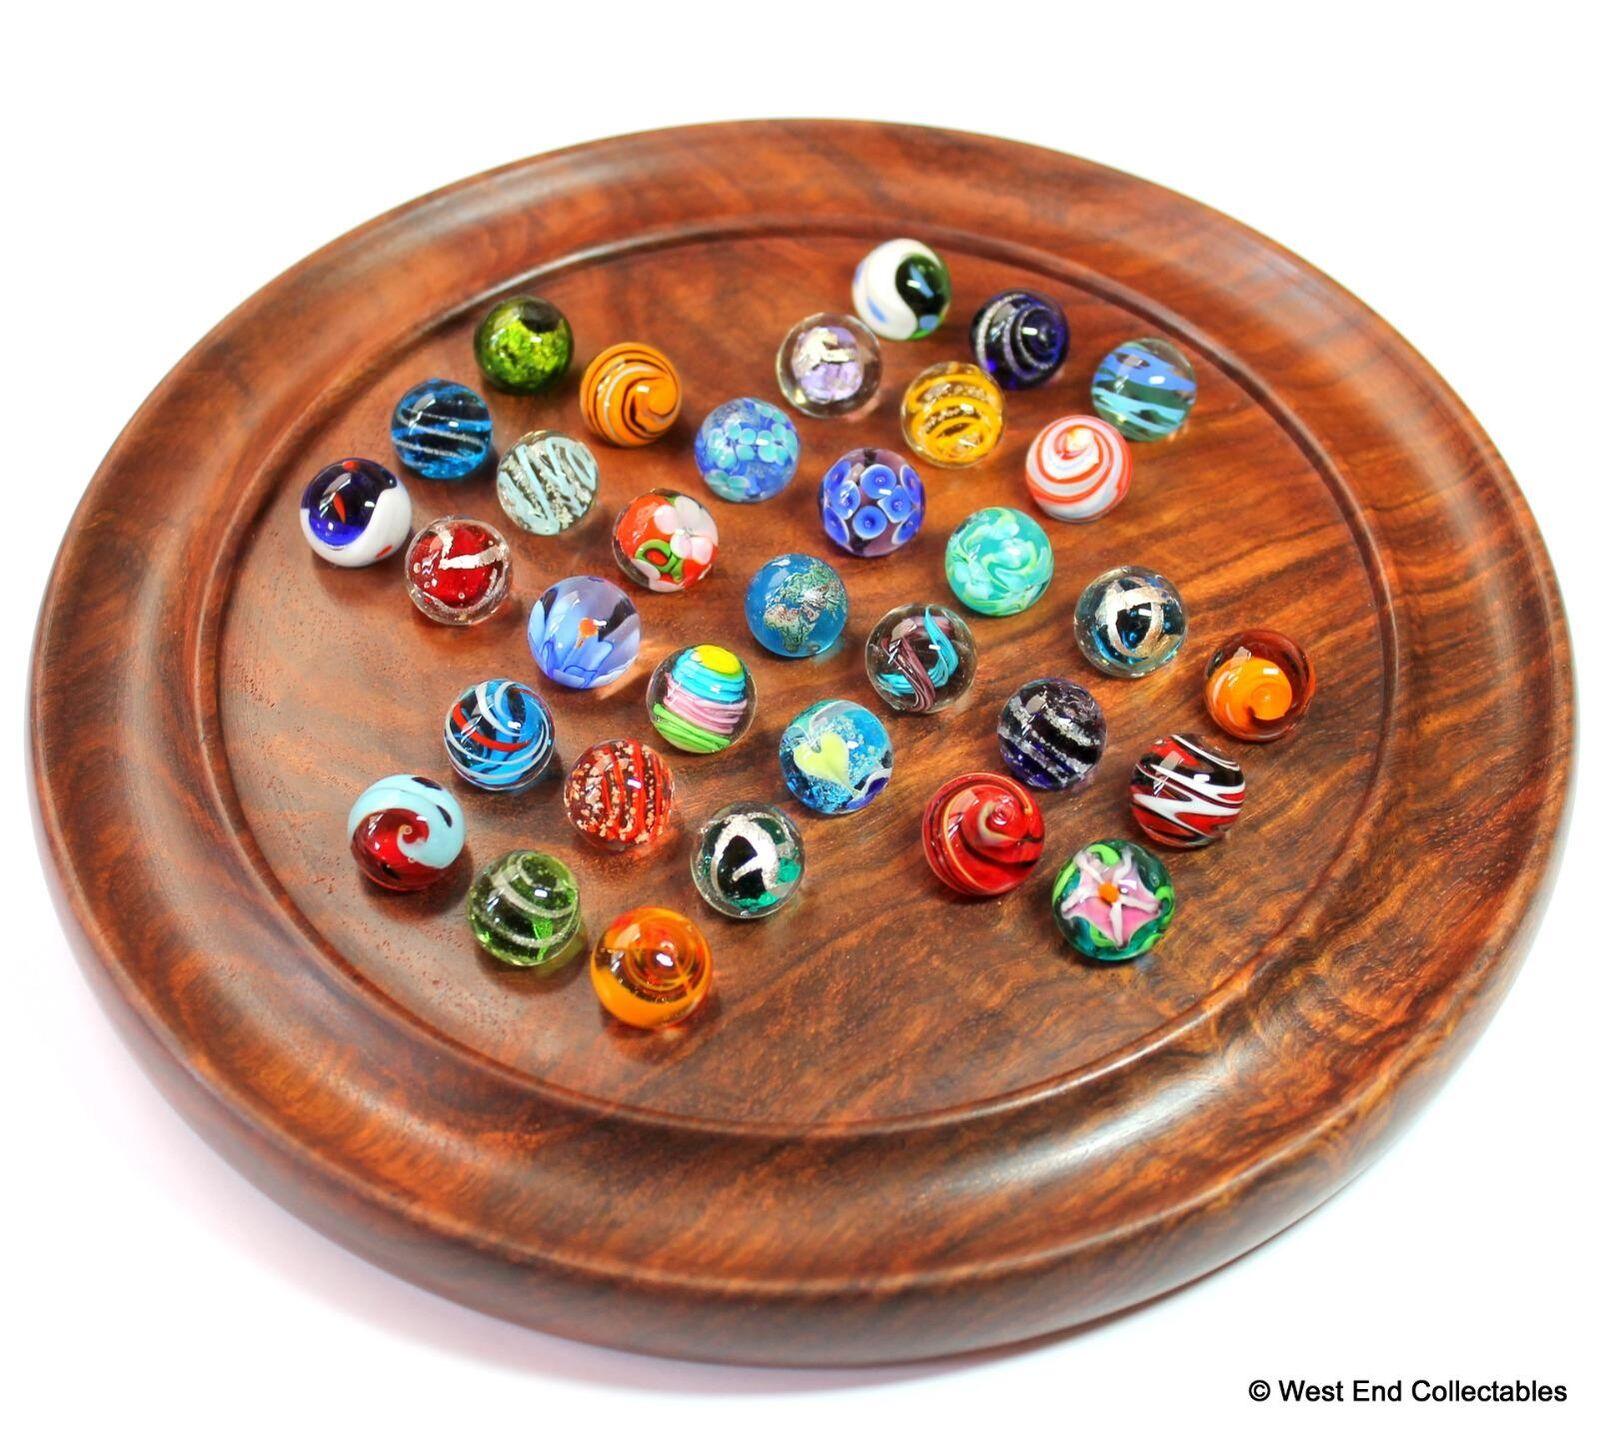 Juego de puzzle juego juego juego solitario mármoles Hecho a Mano - 33 X 16mm vidrio arte del juguete de mármol  con 60% de descuento